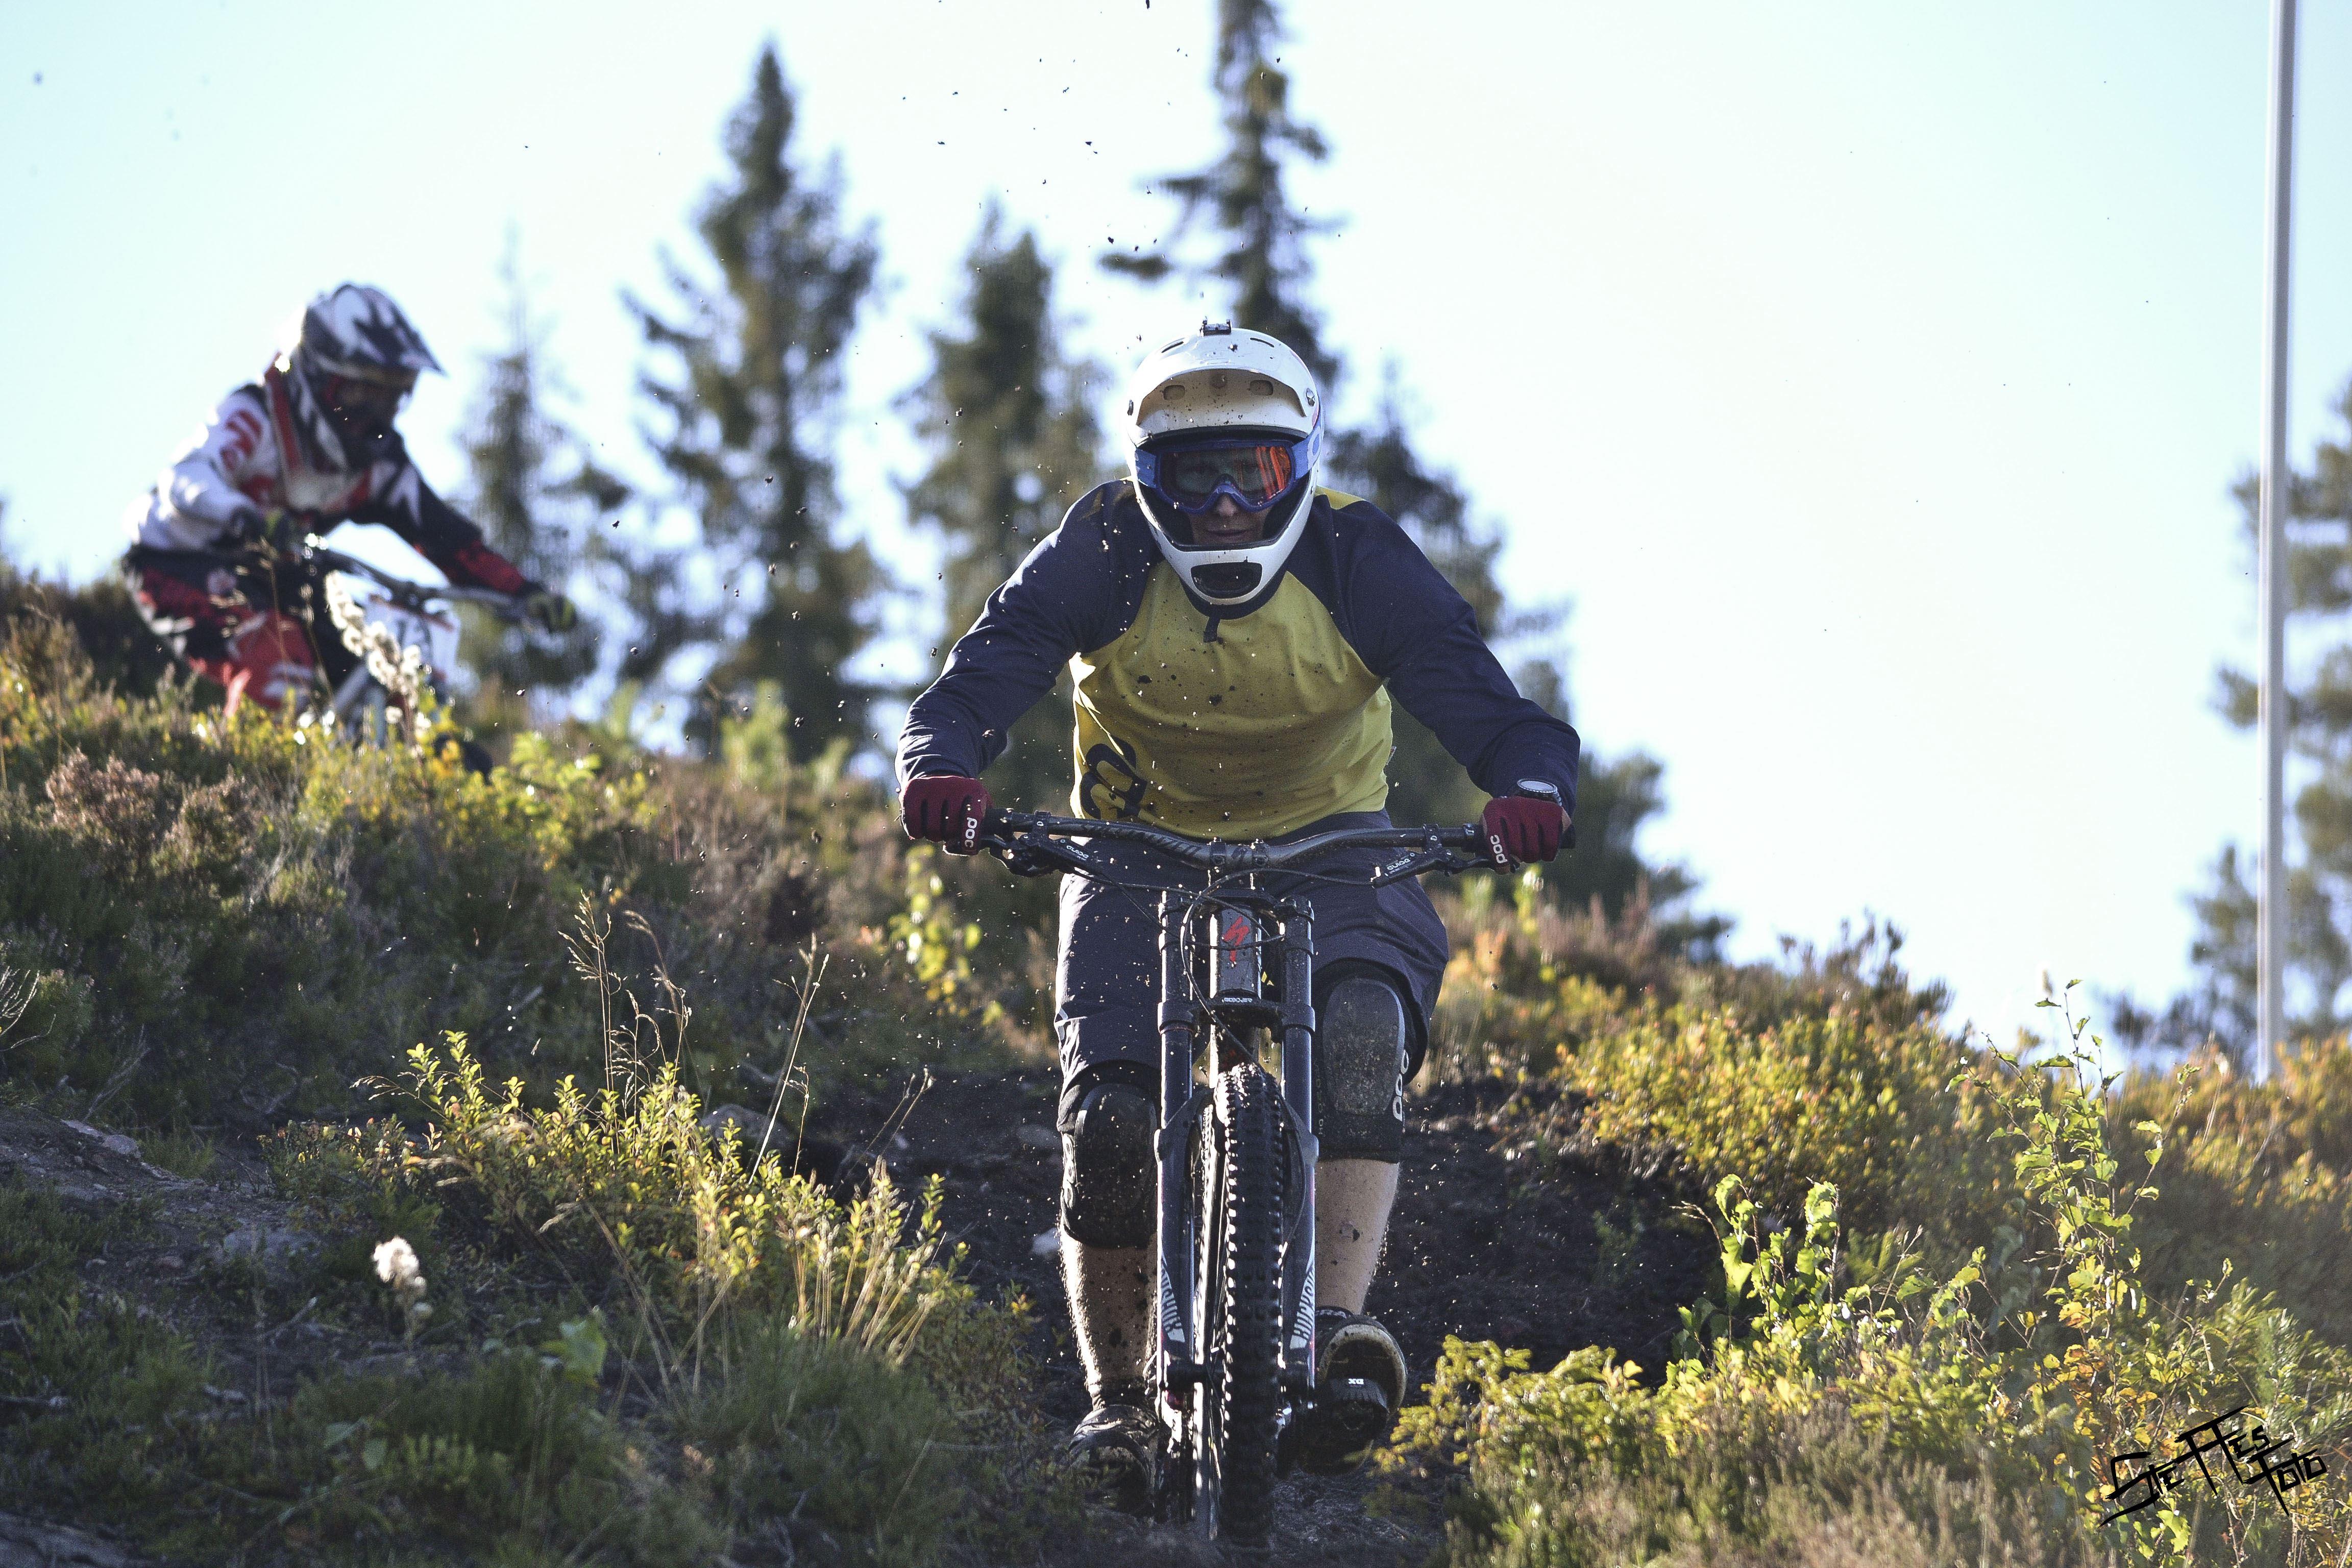 Gesunda giant Enduro series Sweden